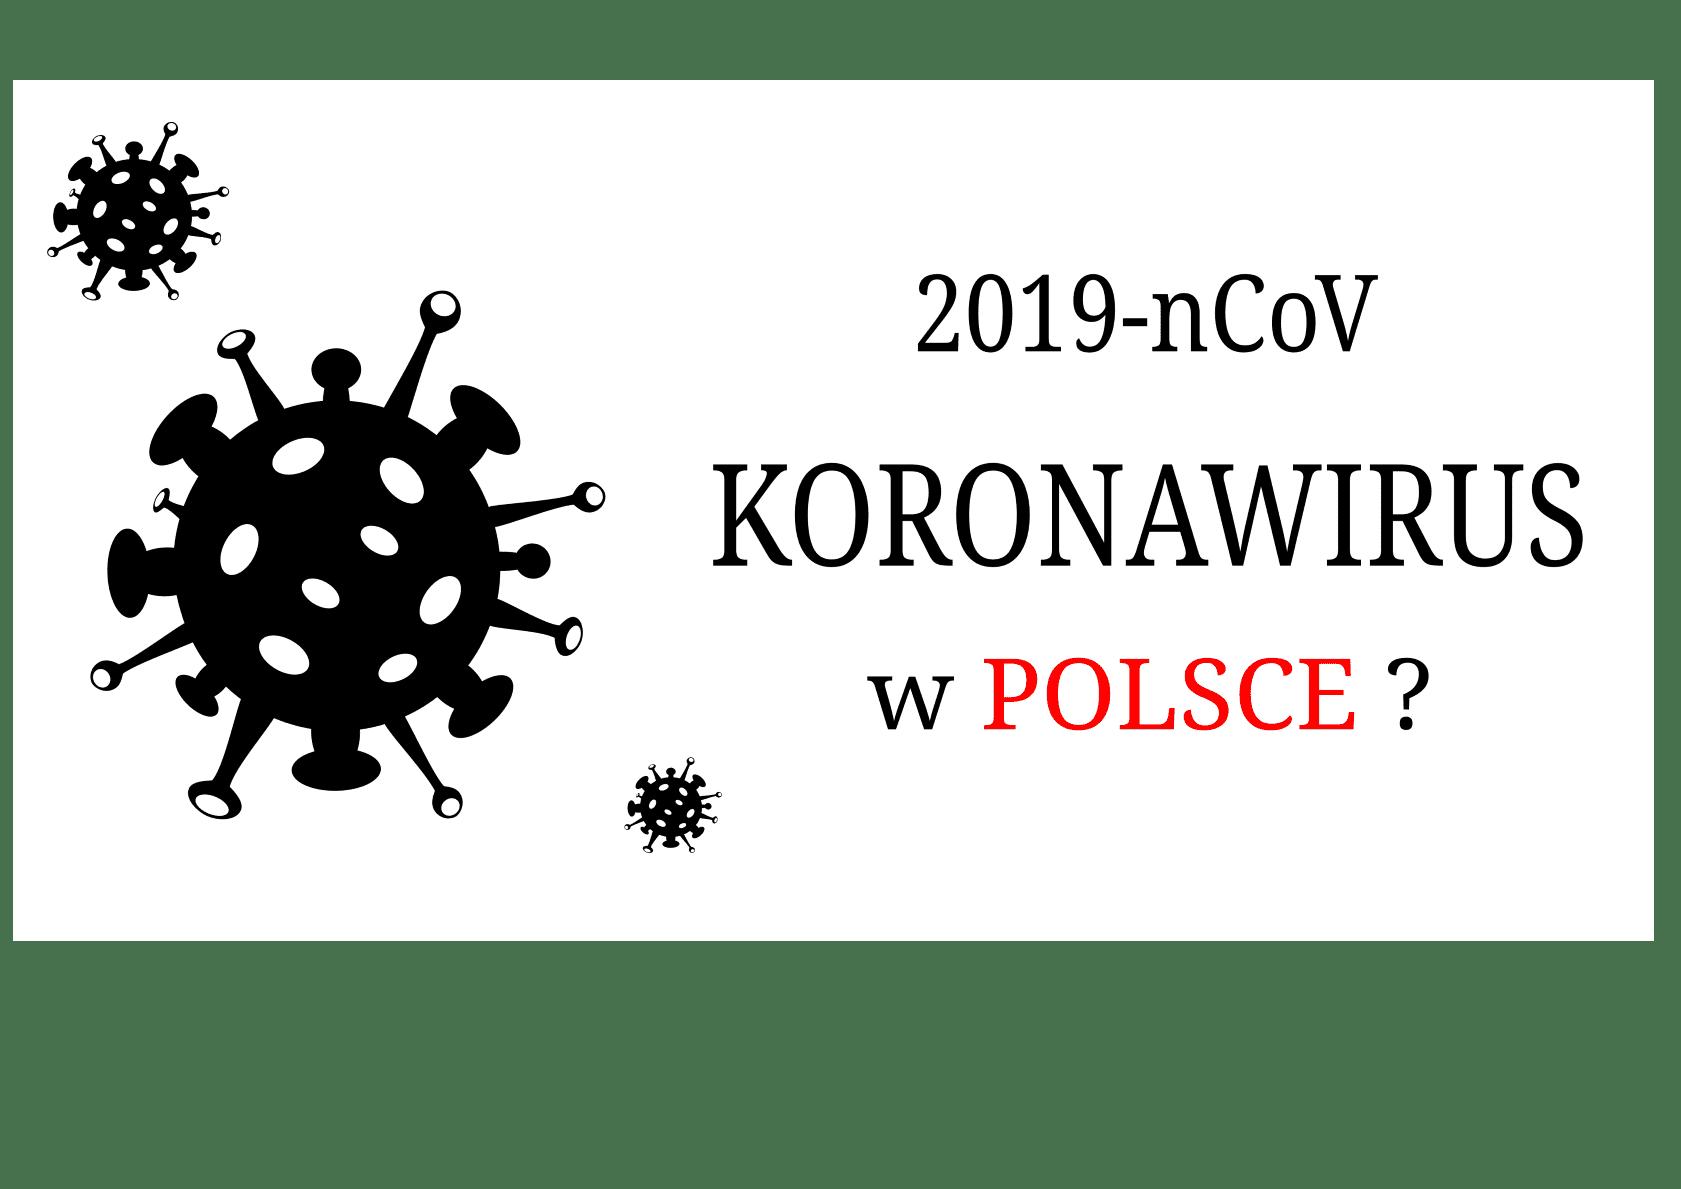 Koronawirus w Polsce - czy jest się czego bać?